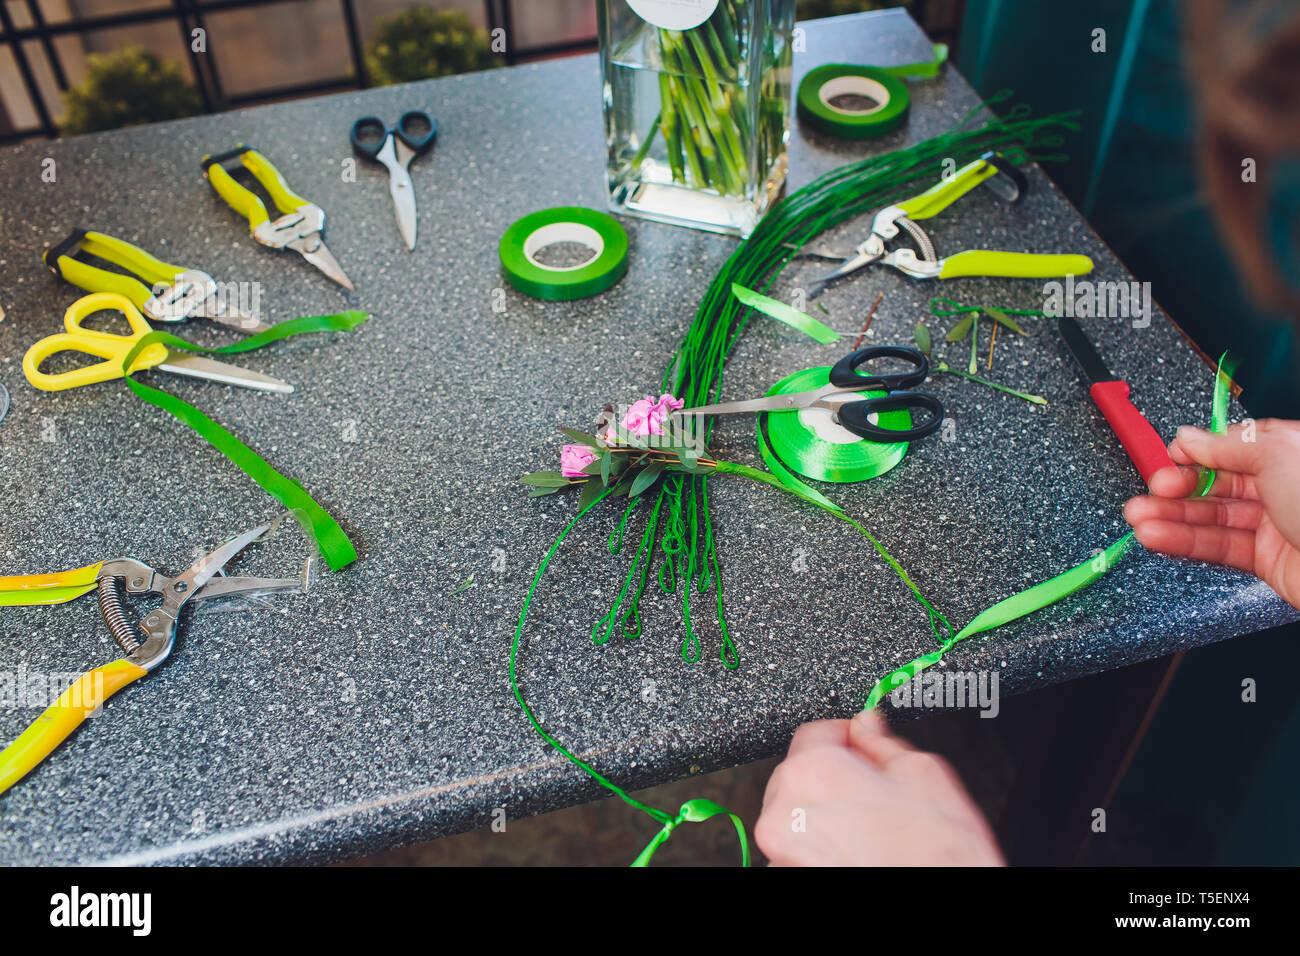 Processus de création d'un magasin de fleurs fleuriste bouquet close-up. Femme mains et à mettre en œuvre. Photo Stock